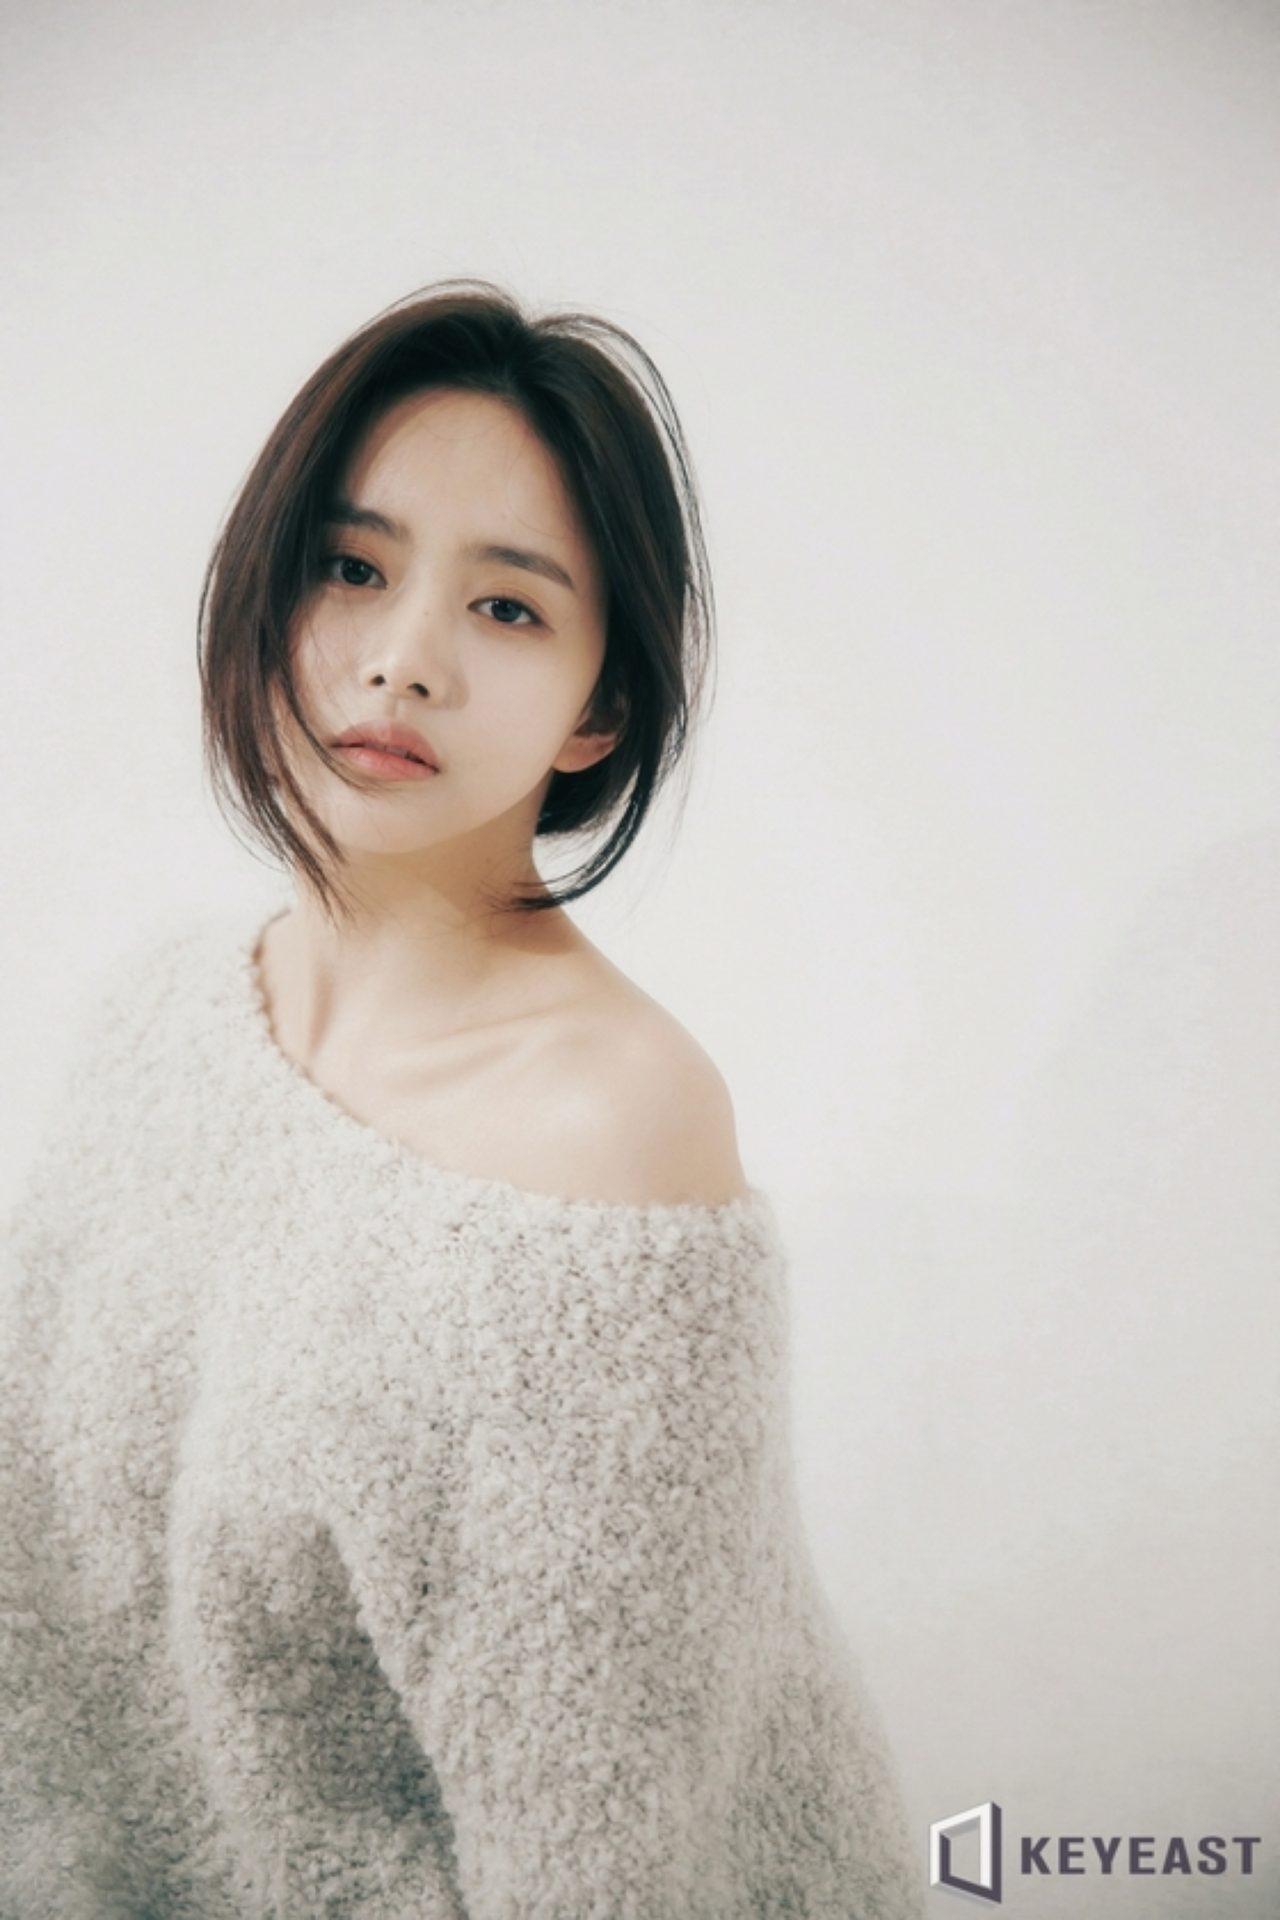 画像: http://www.wowkorea.jp/news/newsread_image.asp?imd=152261&numimg=1